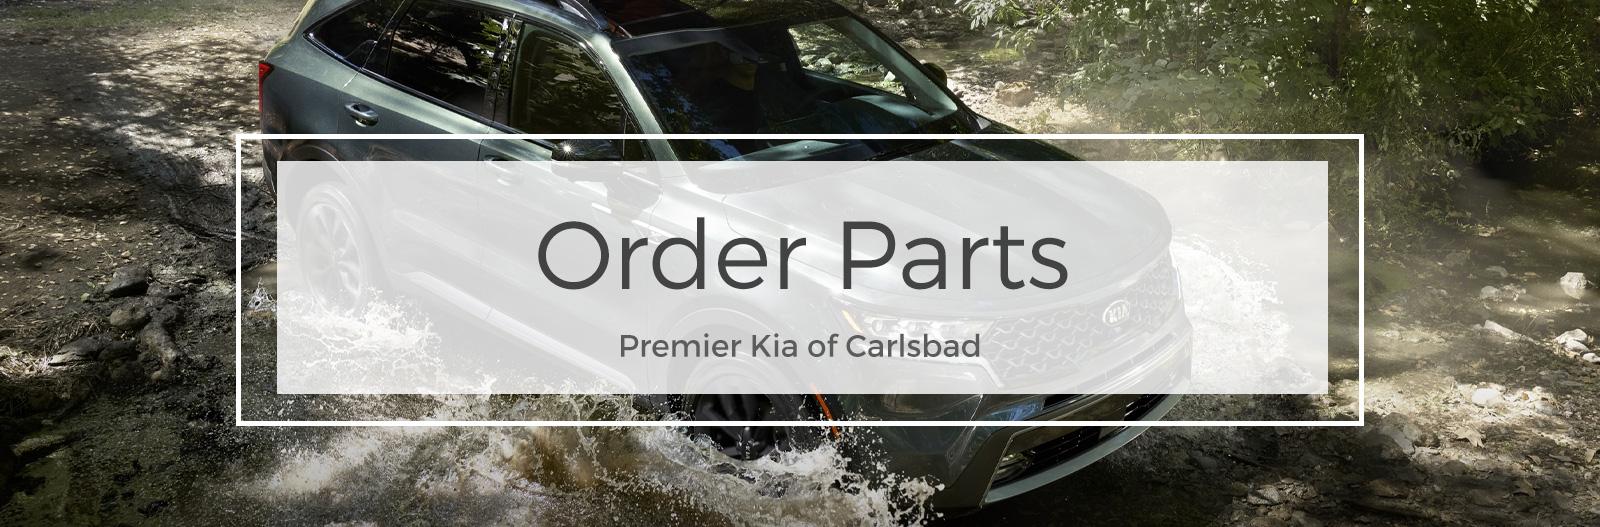 Order Parts at Premier Kia of Carlsbad